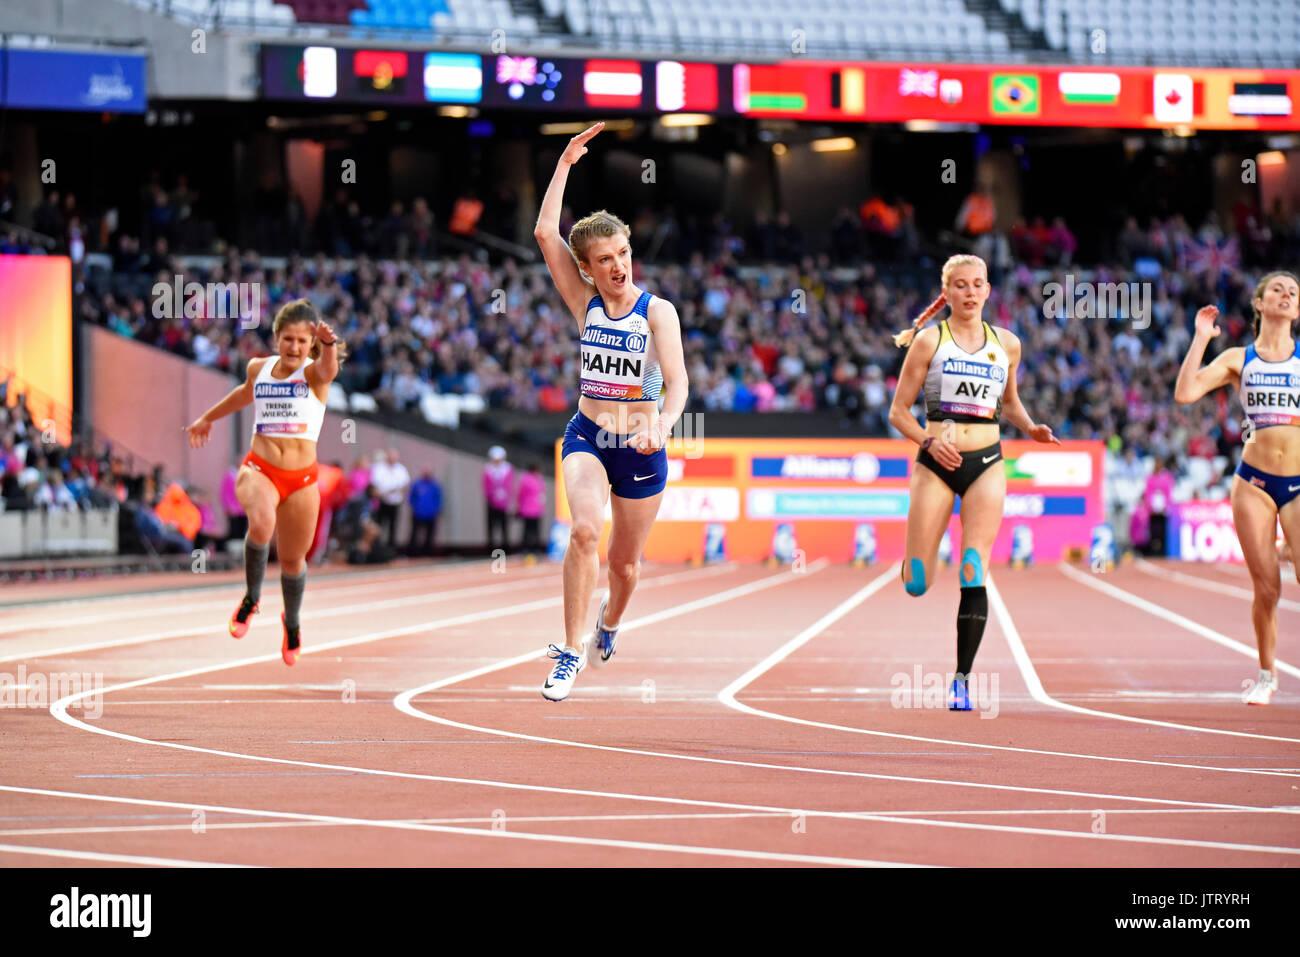 Sophie Hahn celebrando vincendo il T38 100m nel mondo Para di Atletica a Londra Stadium. 2017. Spazio per la copia Immagini Stock